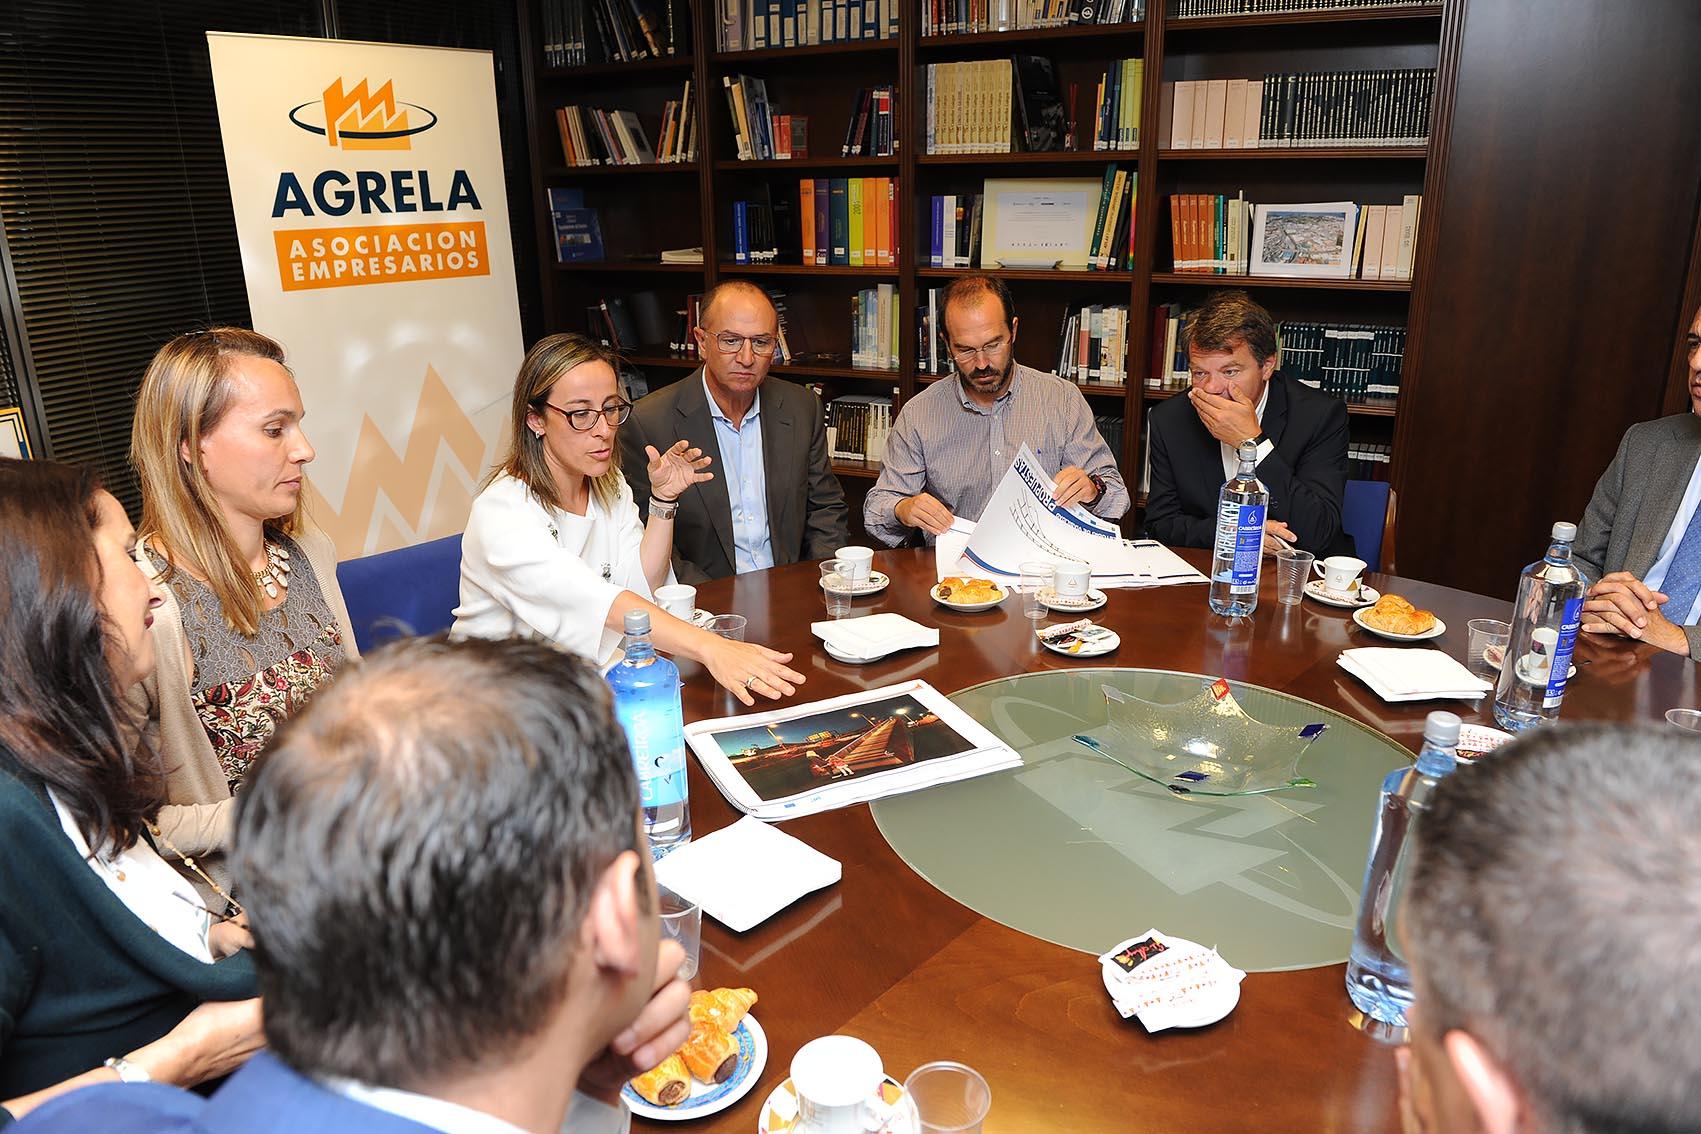 La Xunta les presenta a los empresarios de Agrela el diseño de la pasarela de Marineda que incluye la integración paisajística del entorno